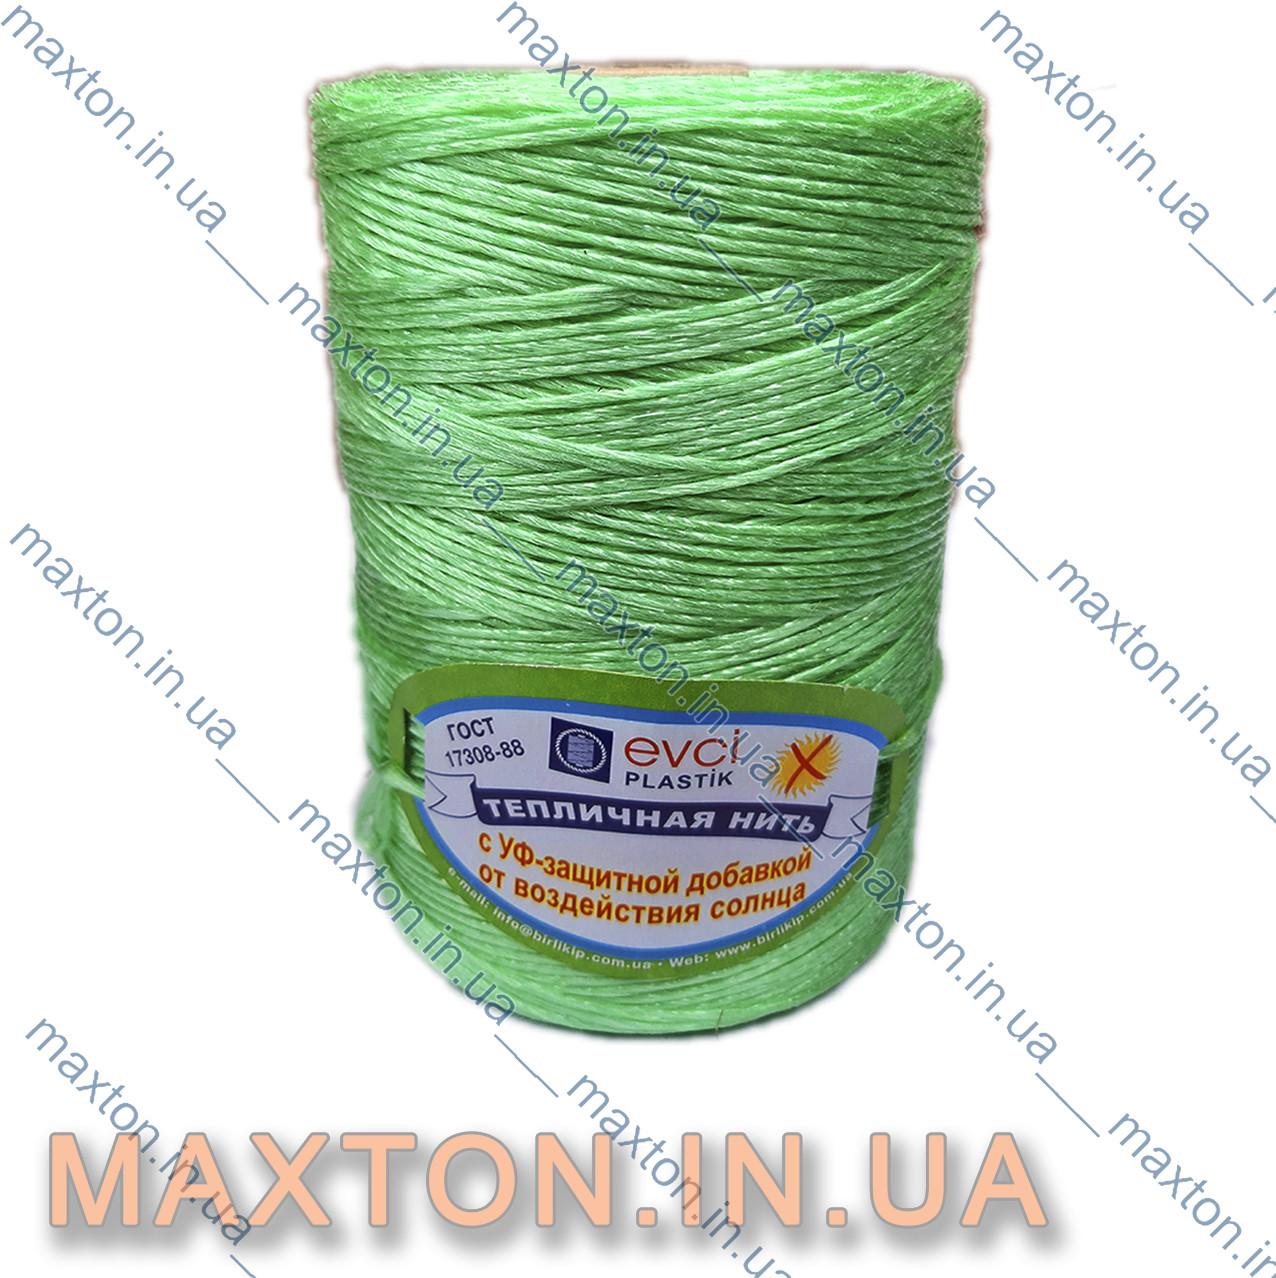 Шпагат подвязочный 700 грамм с защитой от ультрафиолета зеленый